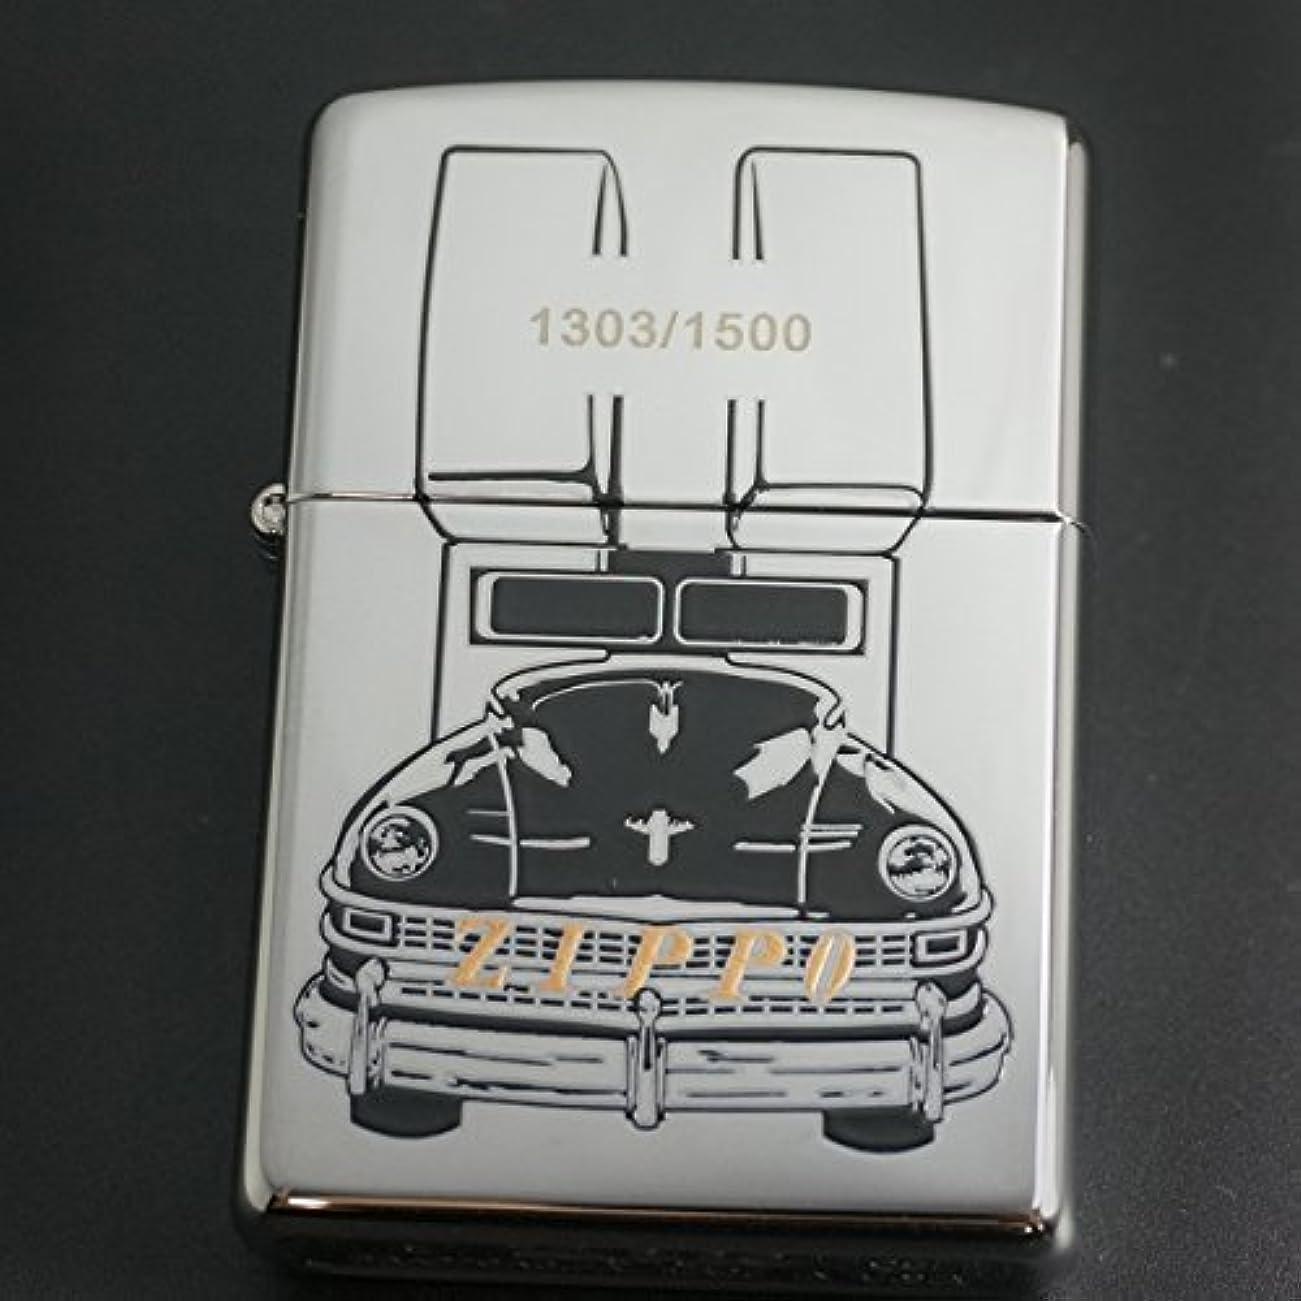 寸前ダイヤモンド校長zippo ZIPPOCAR 両面デザイン 2008年製造